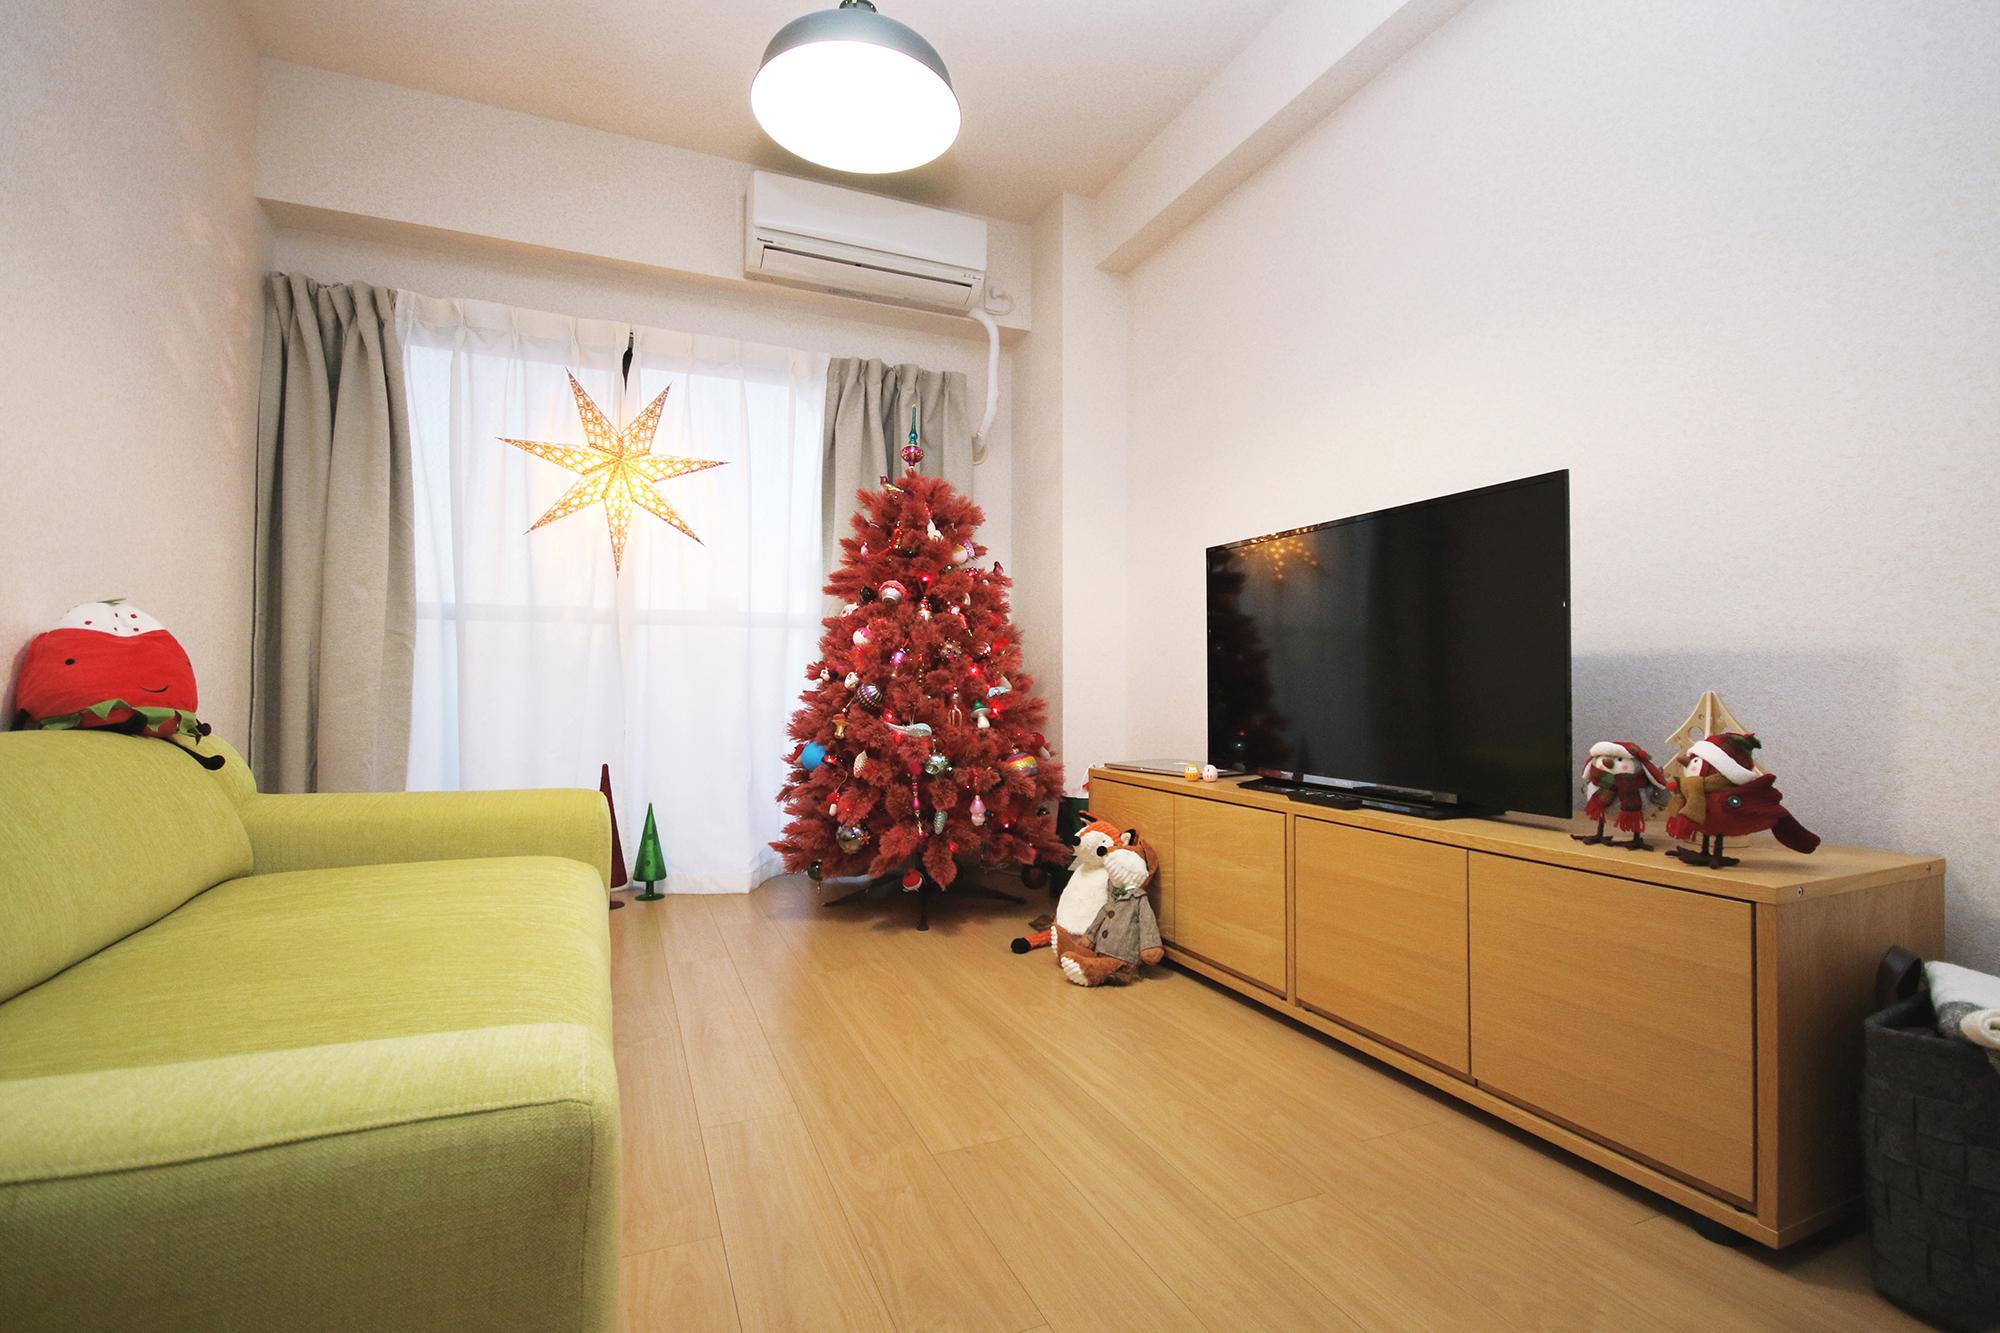 pica-home-christmas-1.jpg